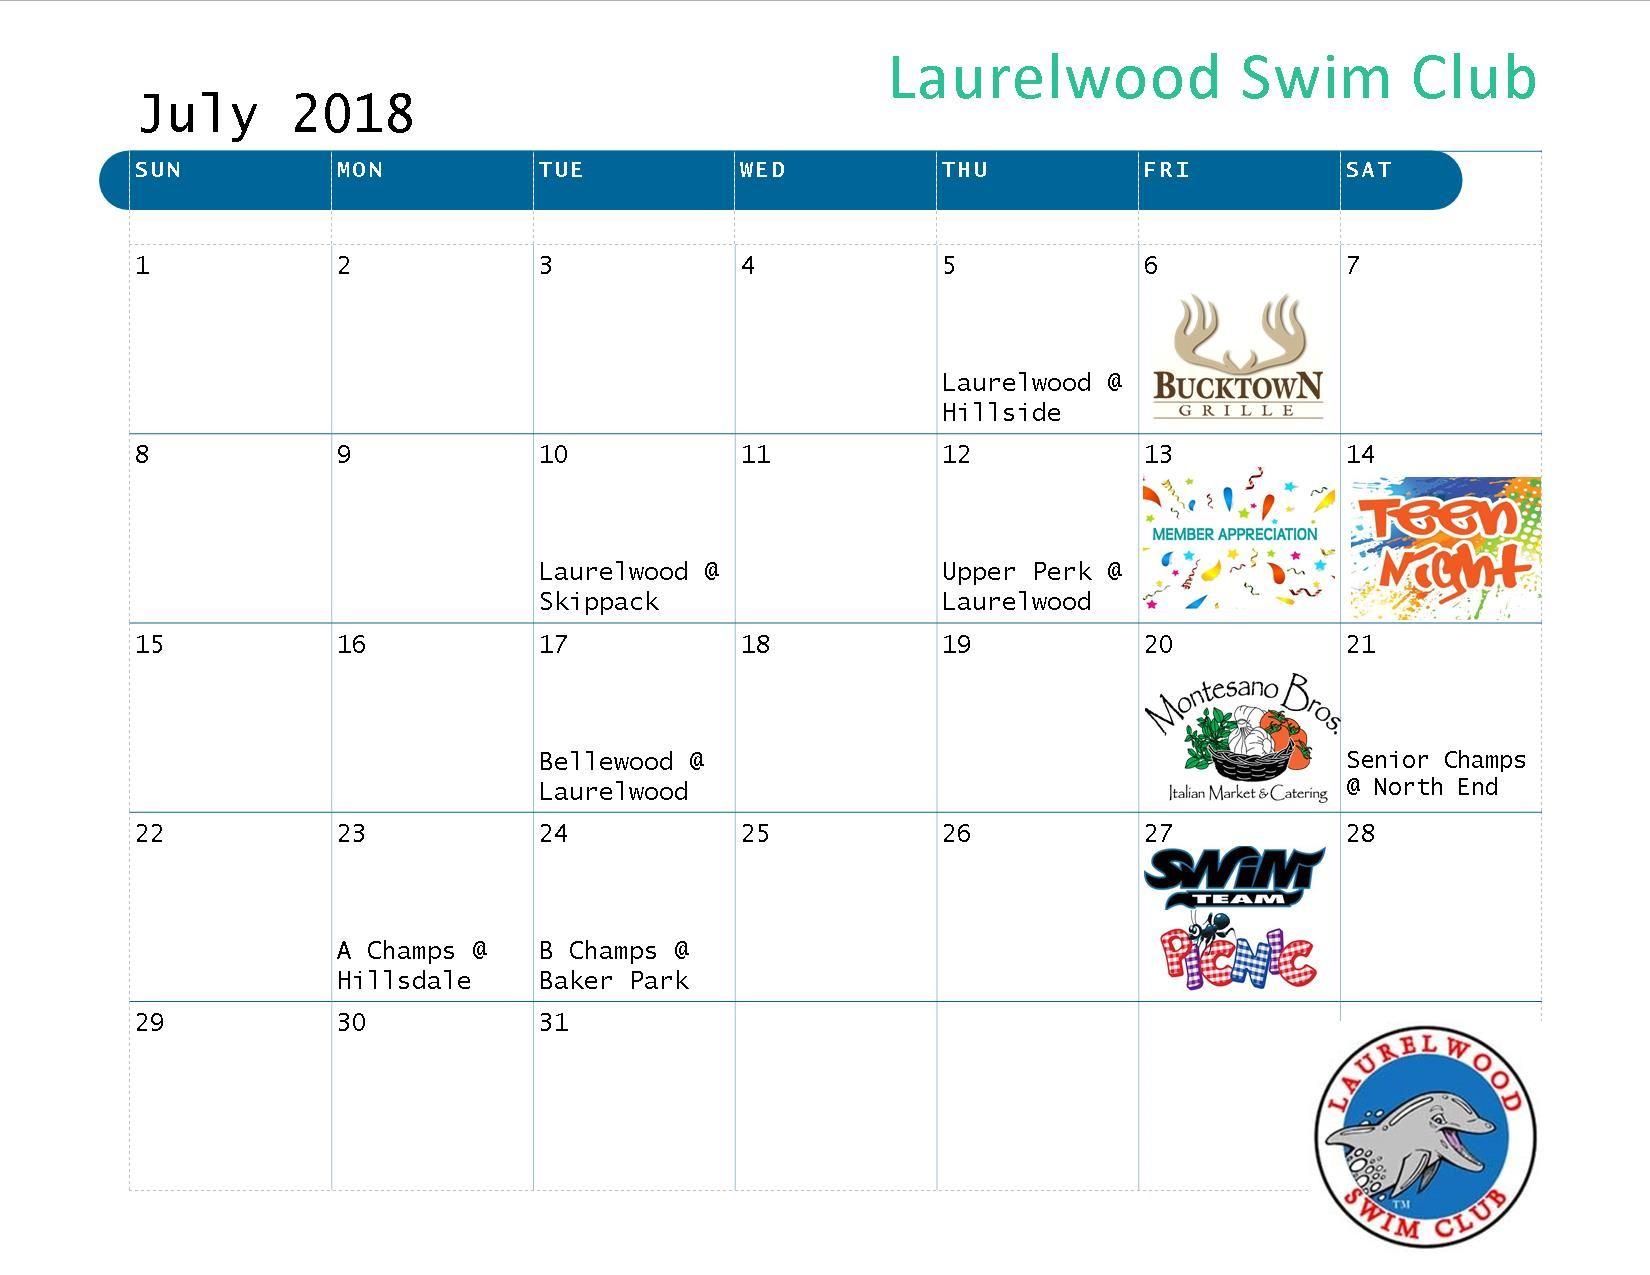 Laurelwood Swimclub 2018 Event Calendars